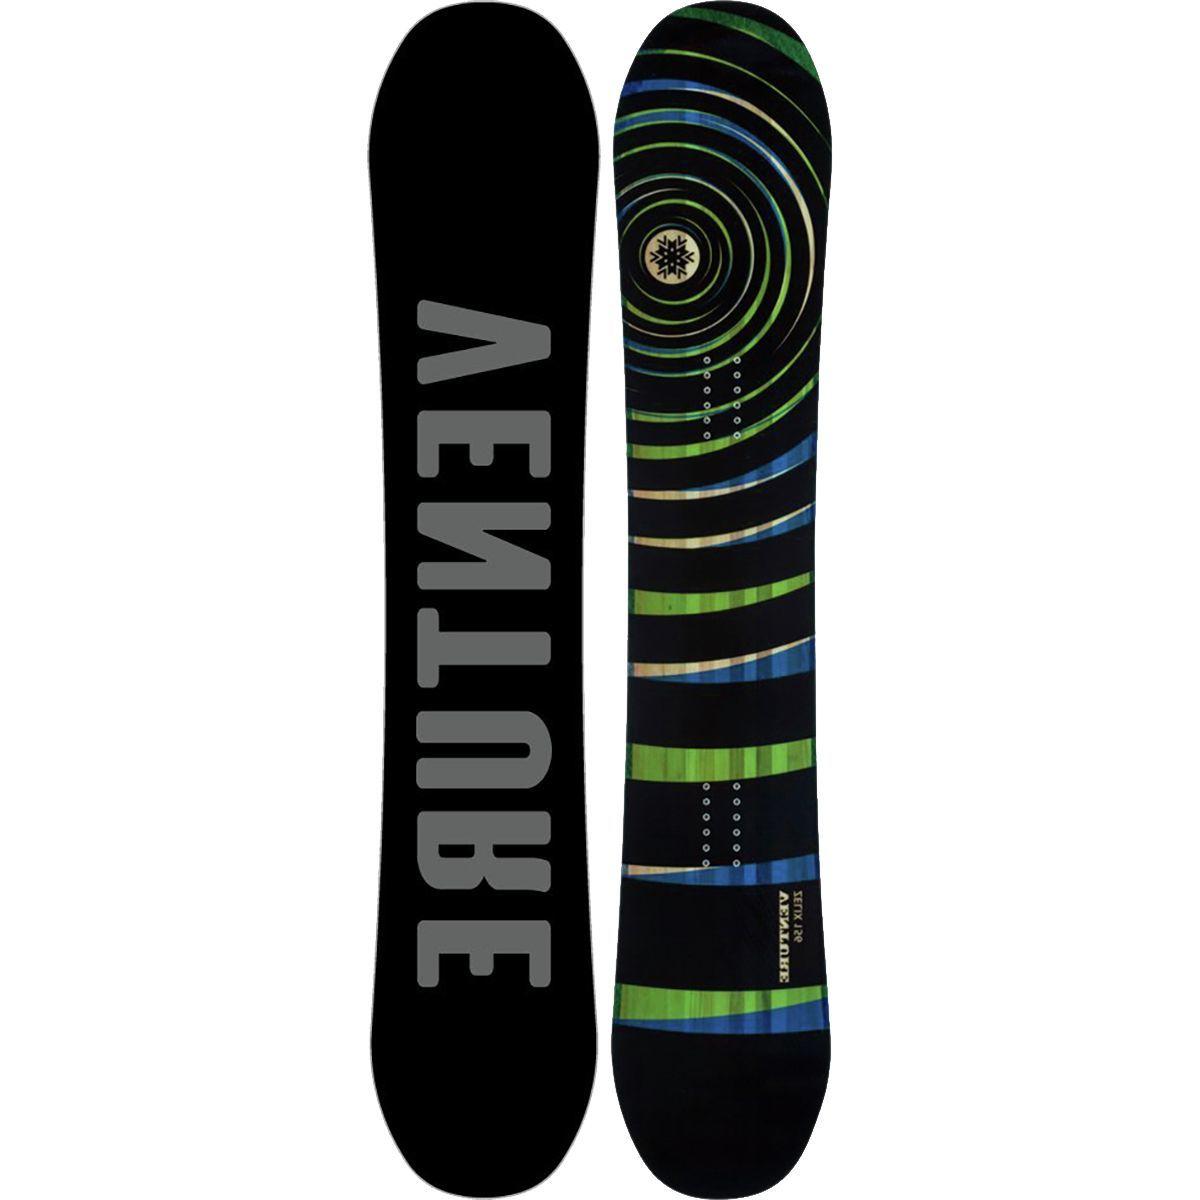 Venture Snowboards Zelix Snowboard - Men's